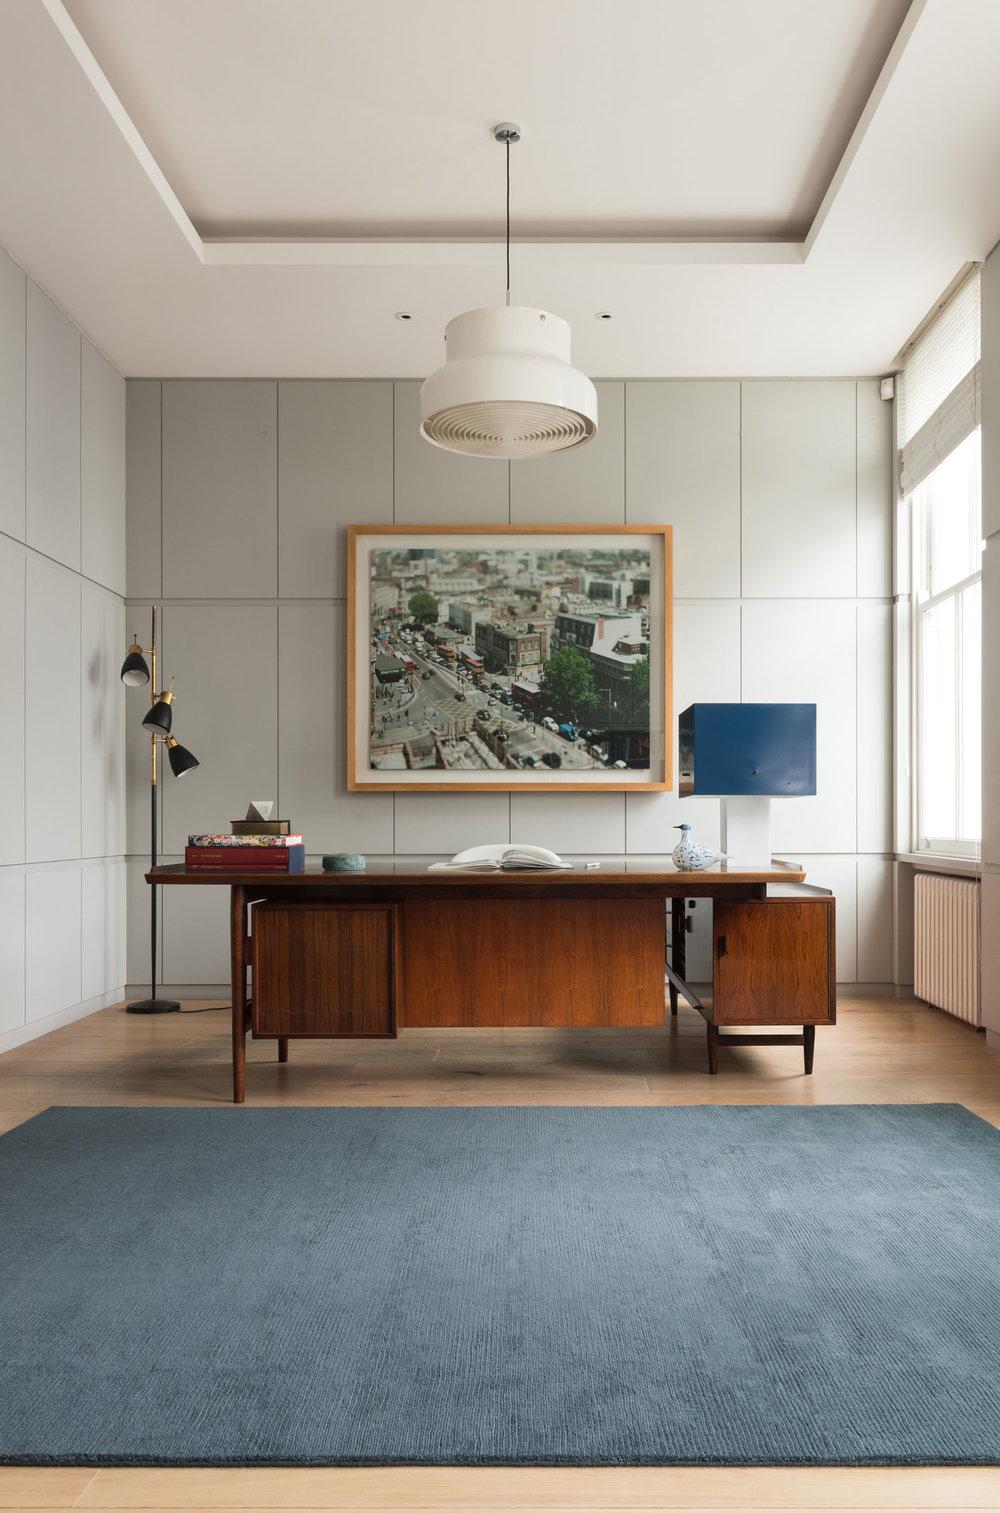 Wooster - Architectural Neutrals